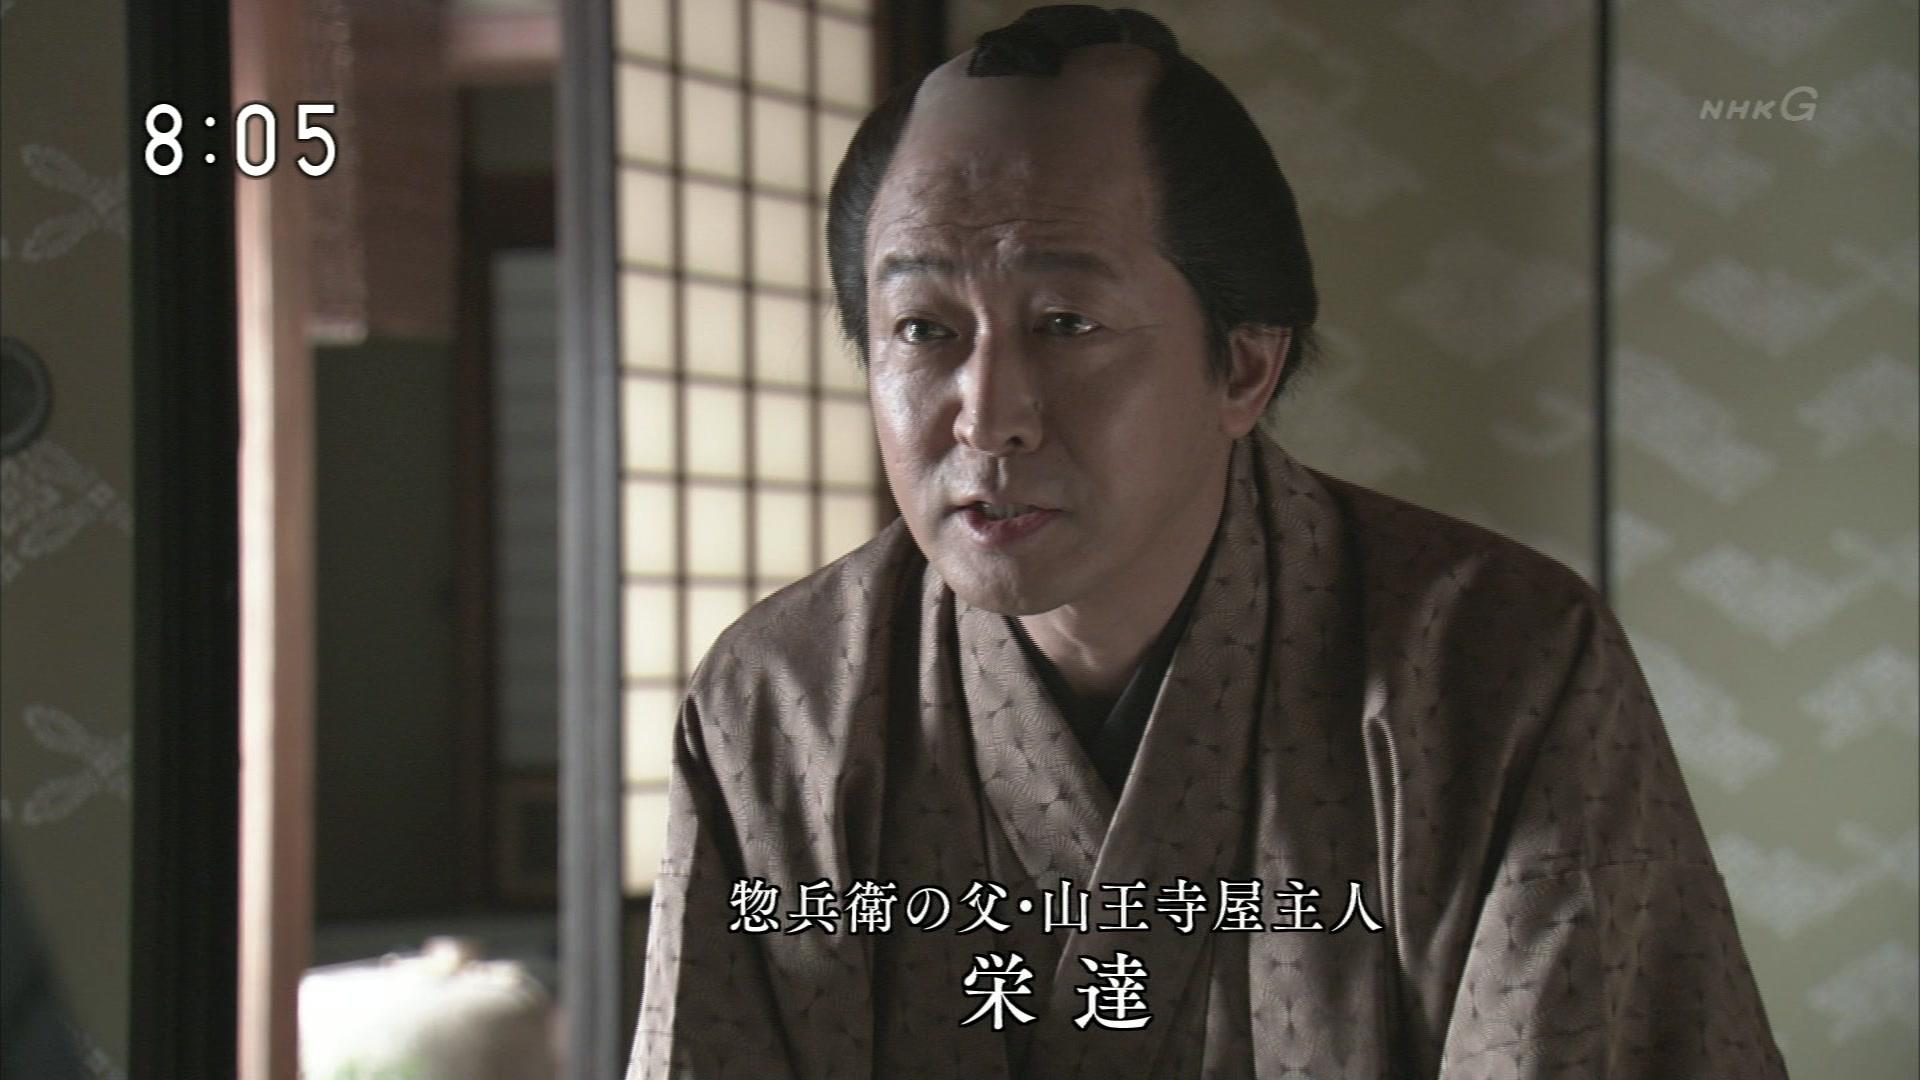 2015-10-03 08:00 連続テレビ小説 あさが来た(6)「小さな許嫁(いいなずけ)」 1092